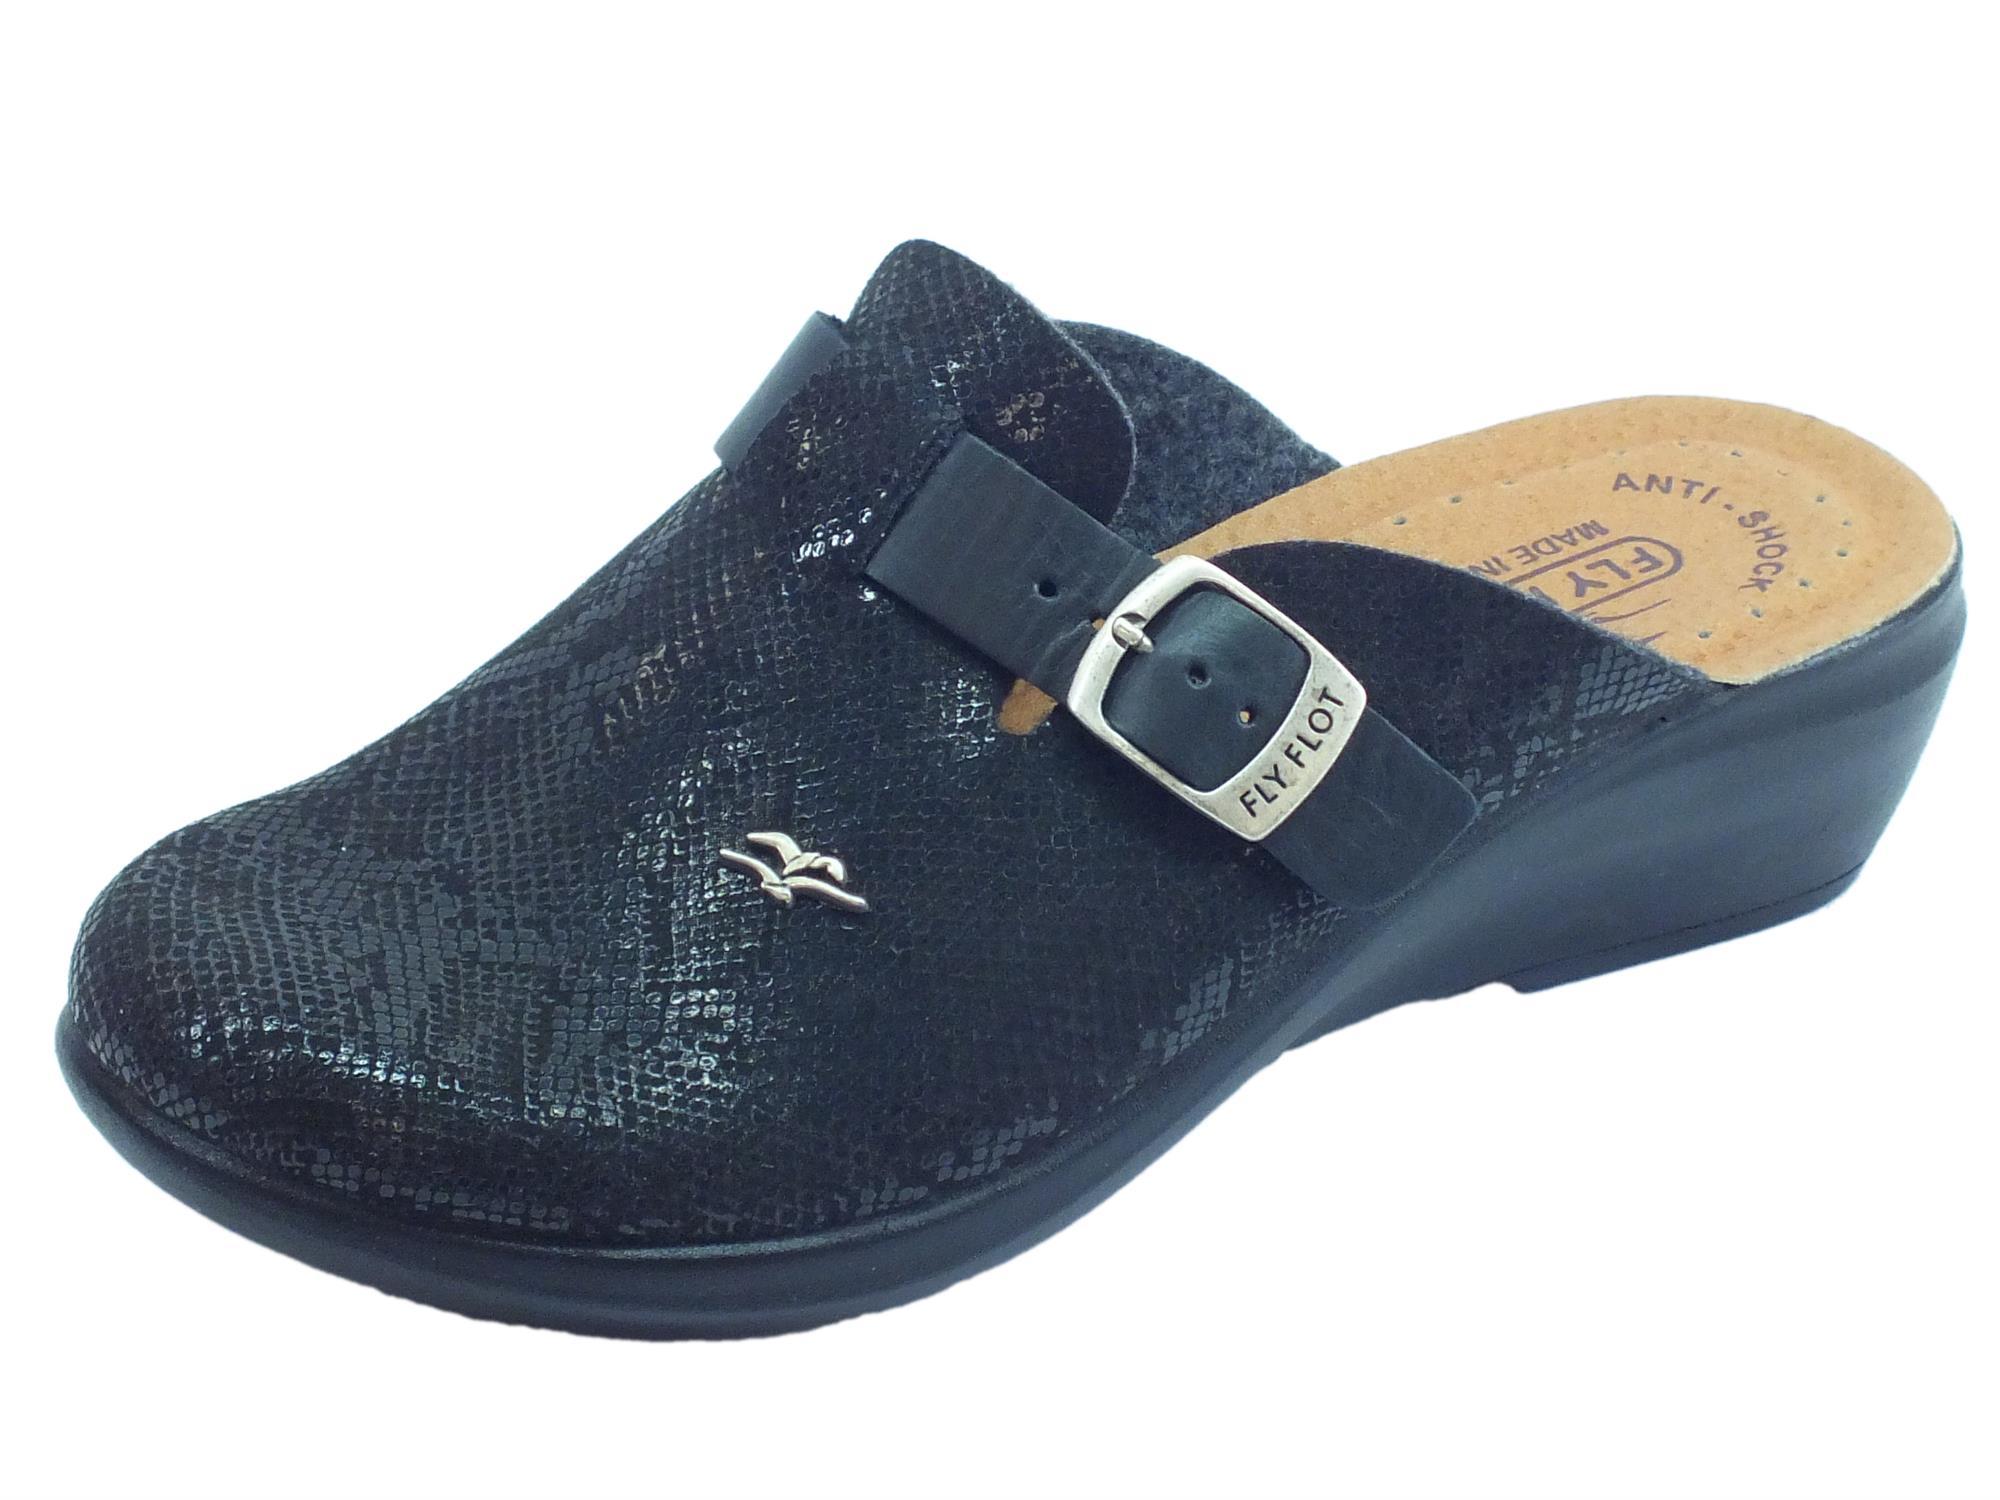 Pantofole FlyFlot per donna in ecopelle squamata nera regolazione tramite  fibietta 908b5b7fe77